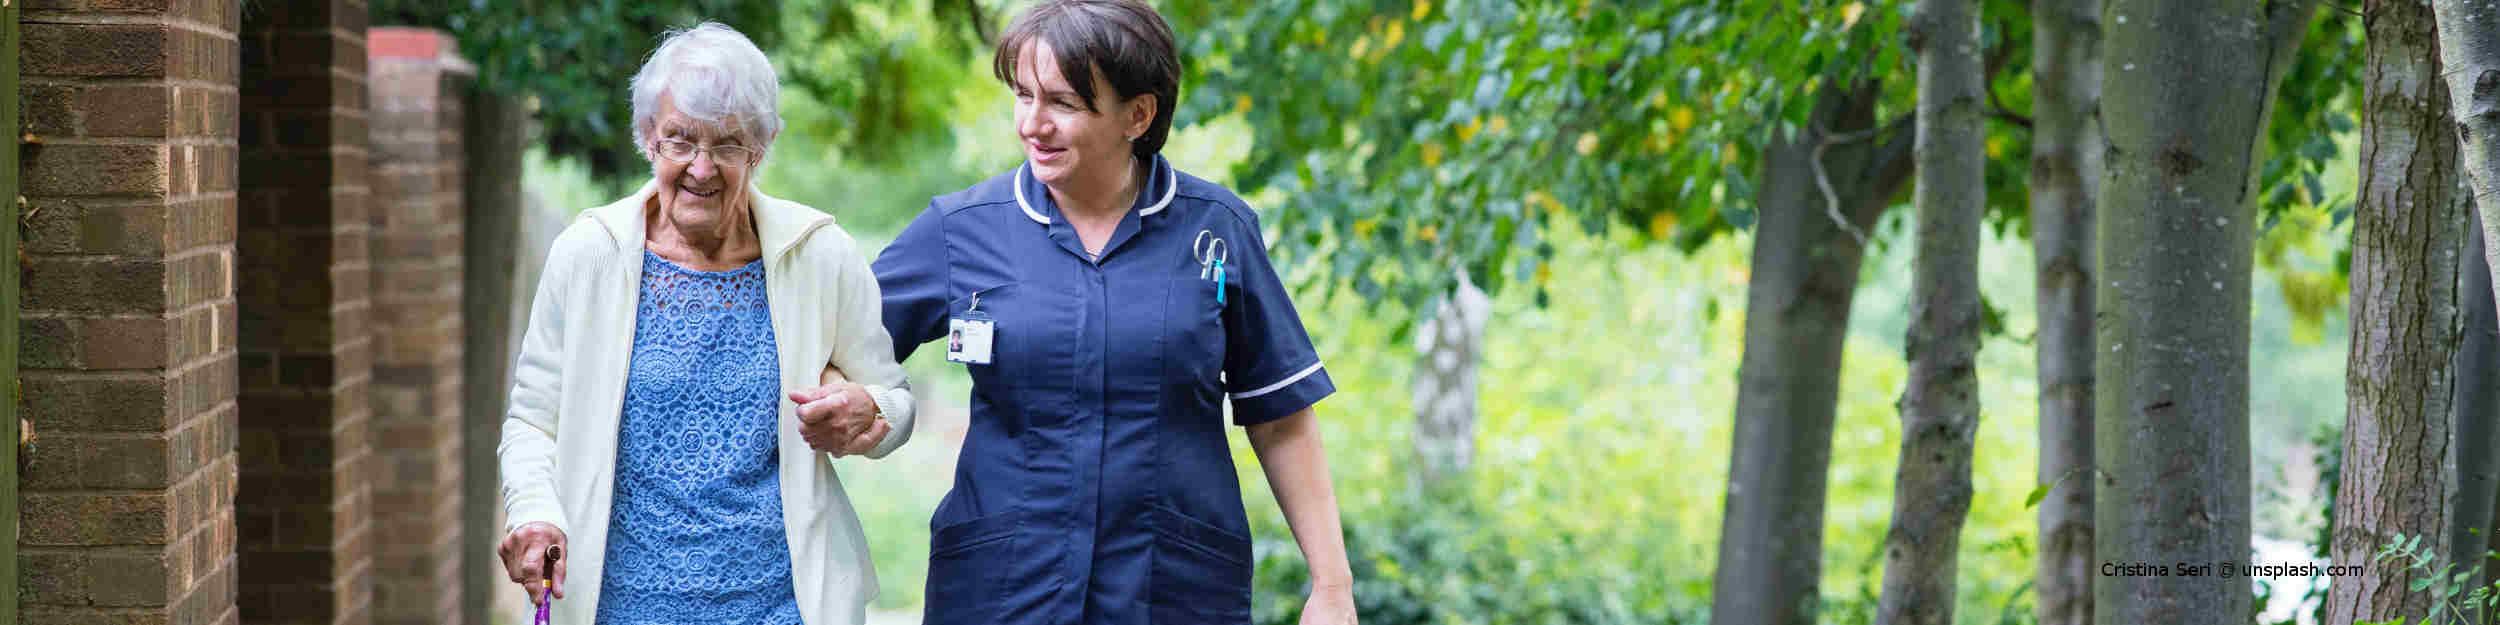 Pflegebedürftige Seniorin geht mit ihrer 24-Stunden-Pflegekraft im Park spazieren